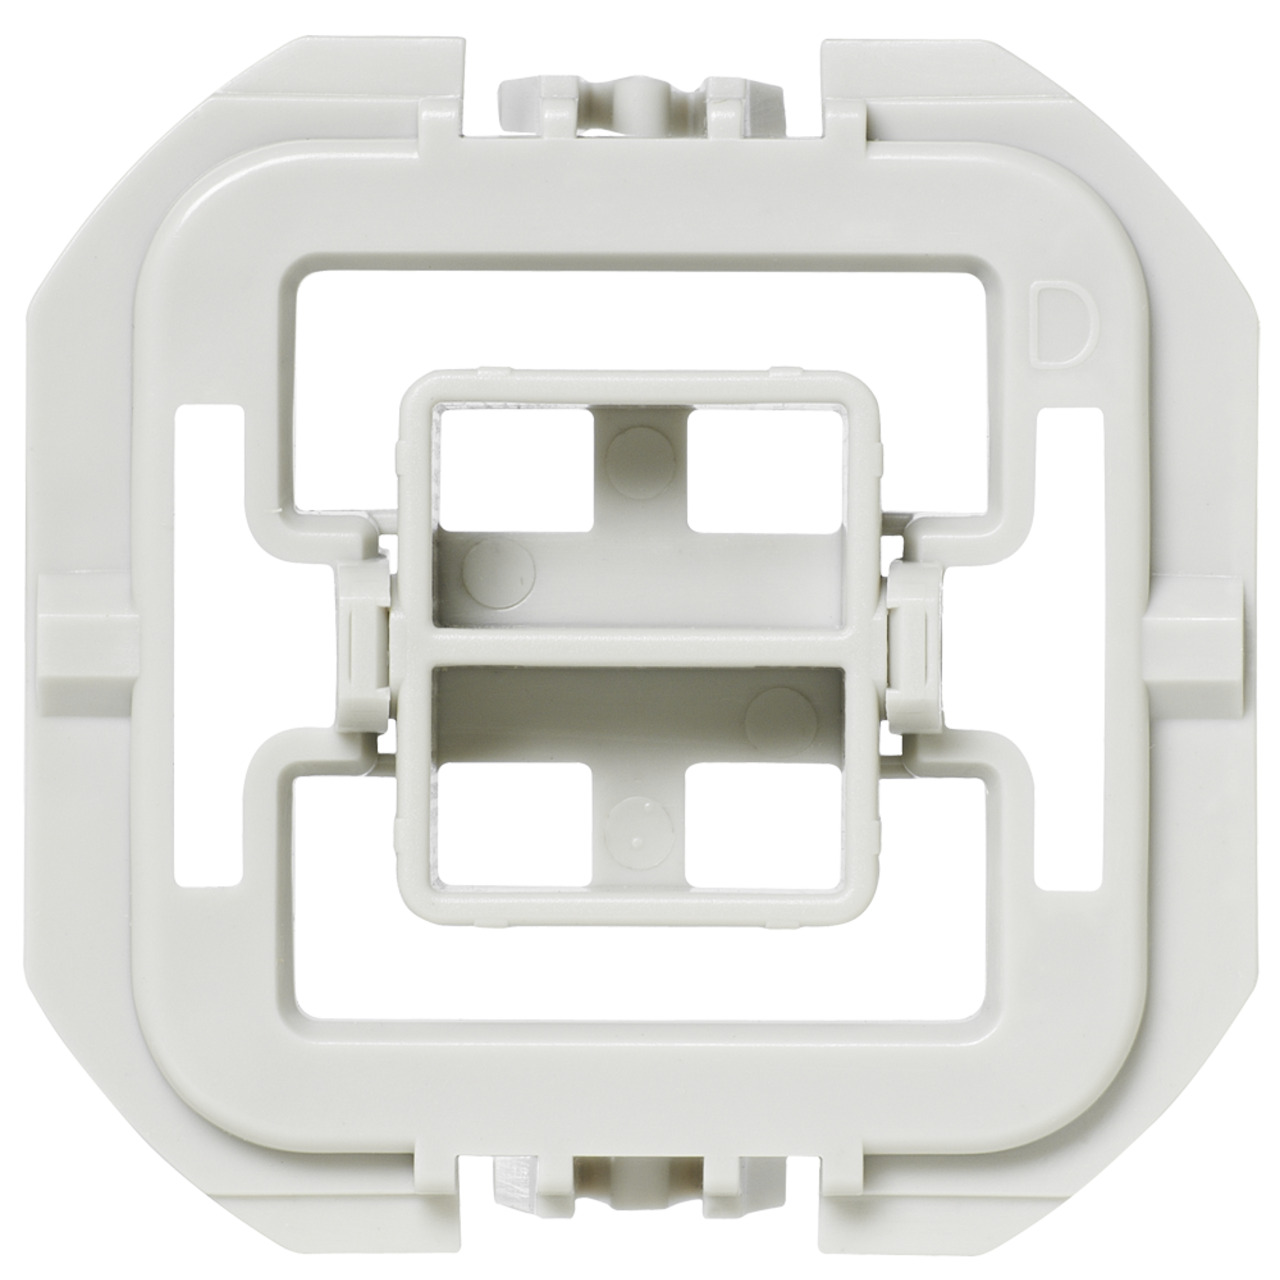 Installationsadapter für Düwi-Popp-Schalter- 3er-Set für Smart Home - Hausautomation